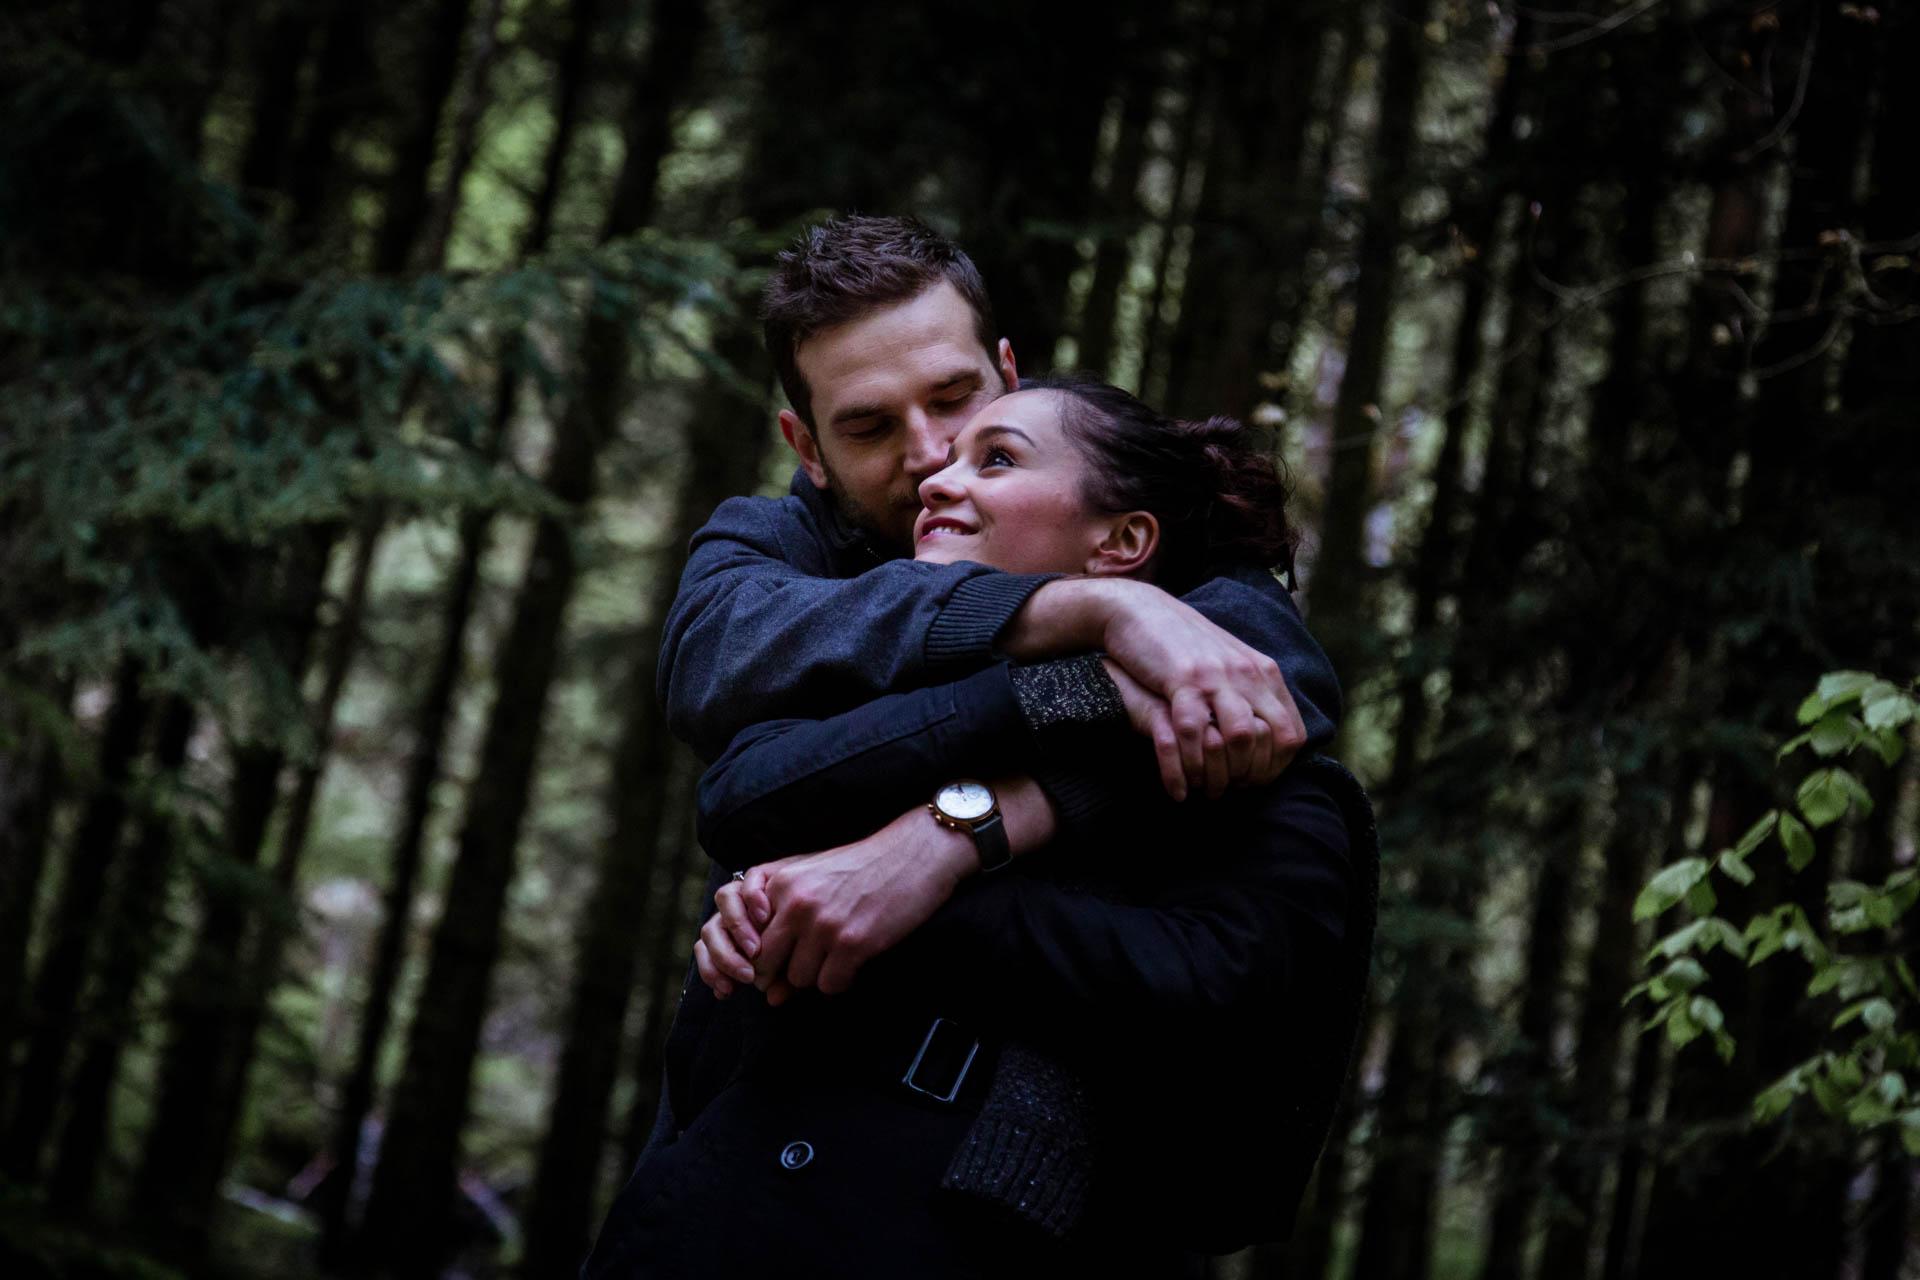 Anmoureux enlacés pendant une seance engagement avant mariage